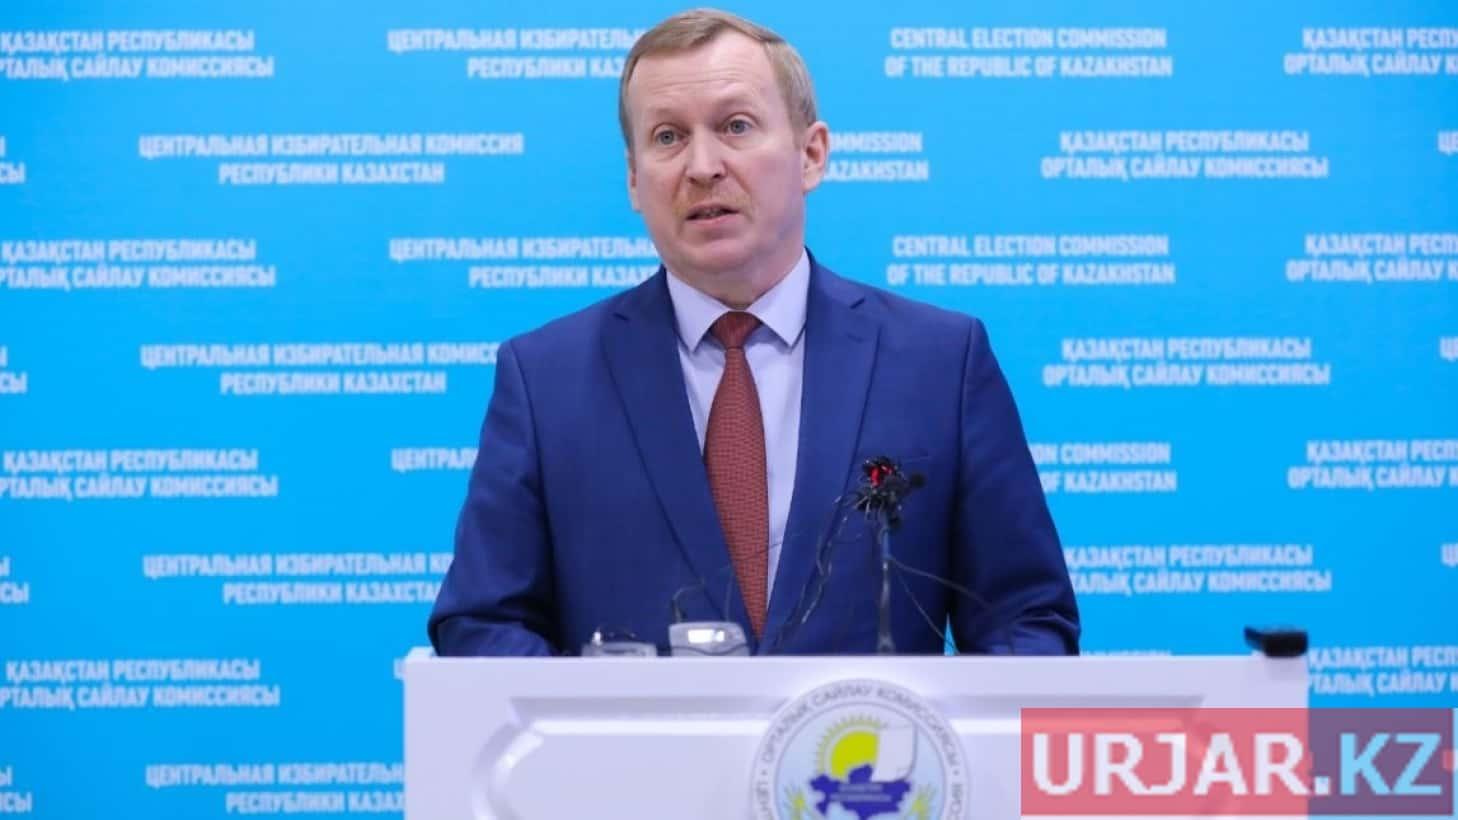 В ЦИК подвели итоги выдвижения кандидатов в Президенты Казахстана